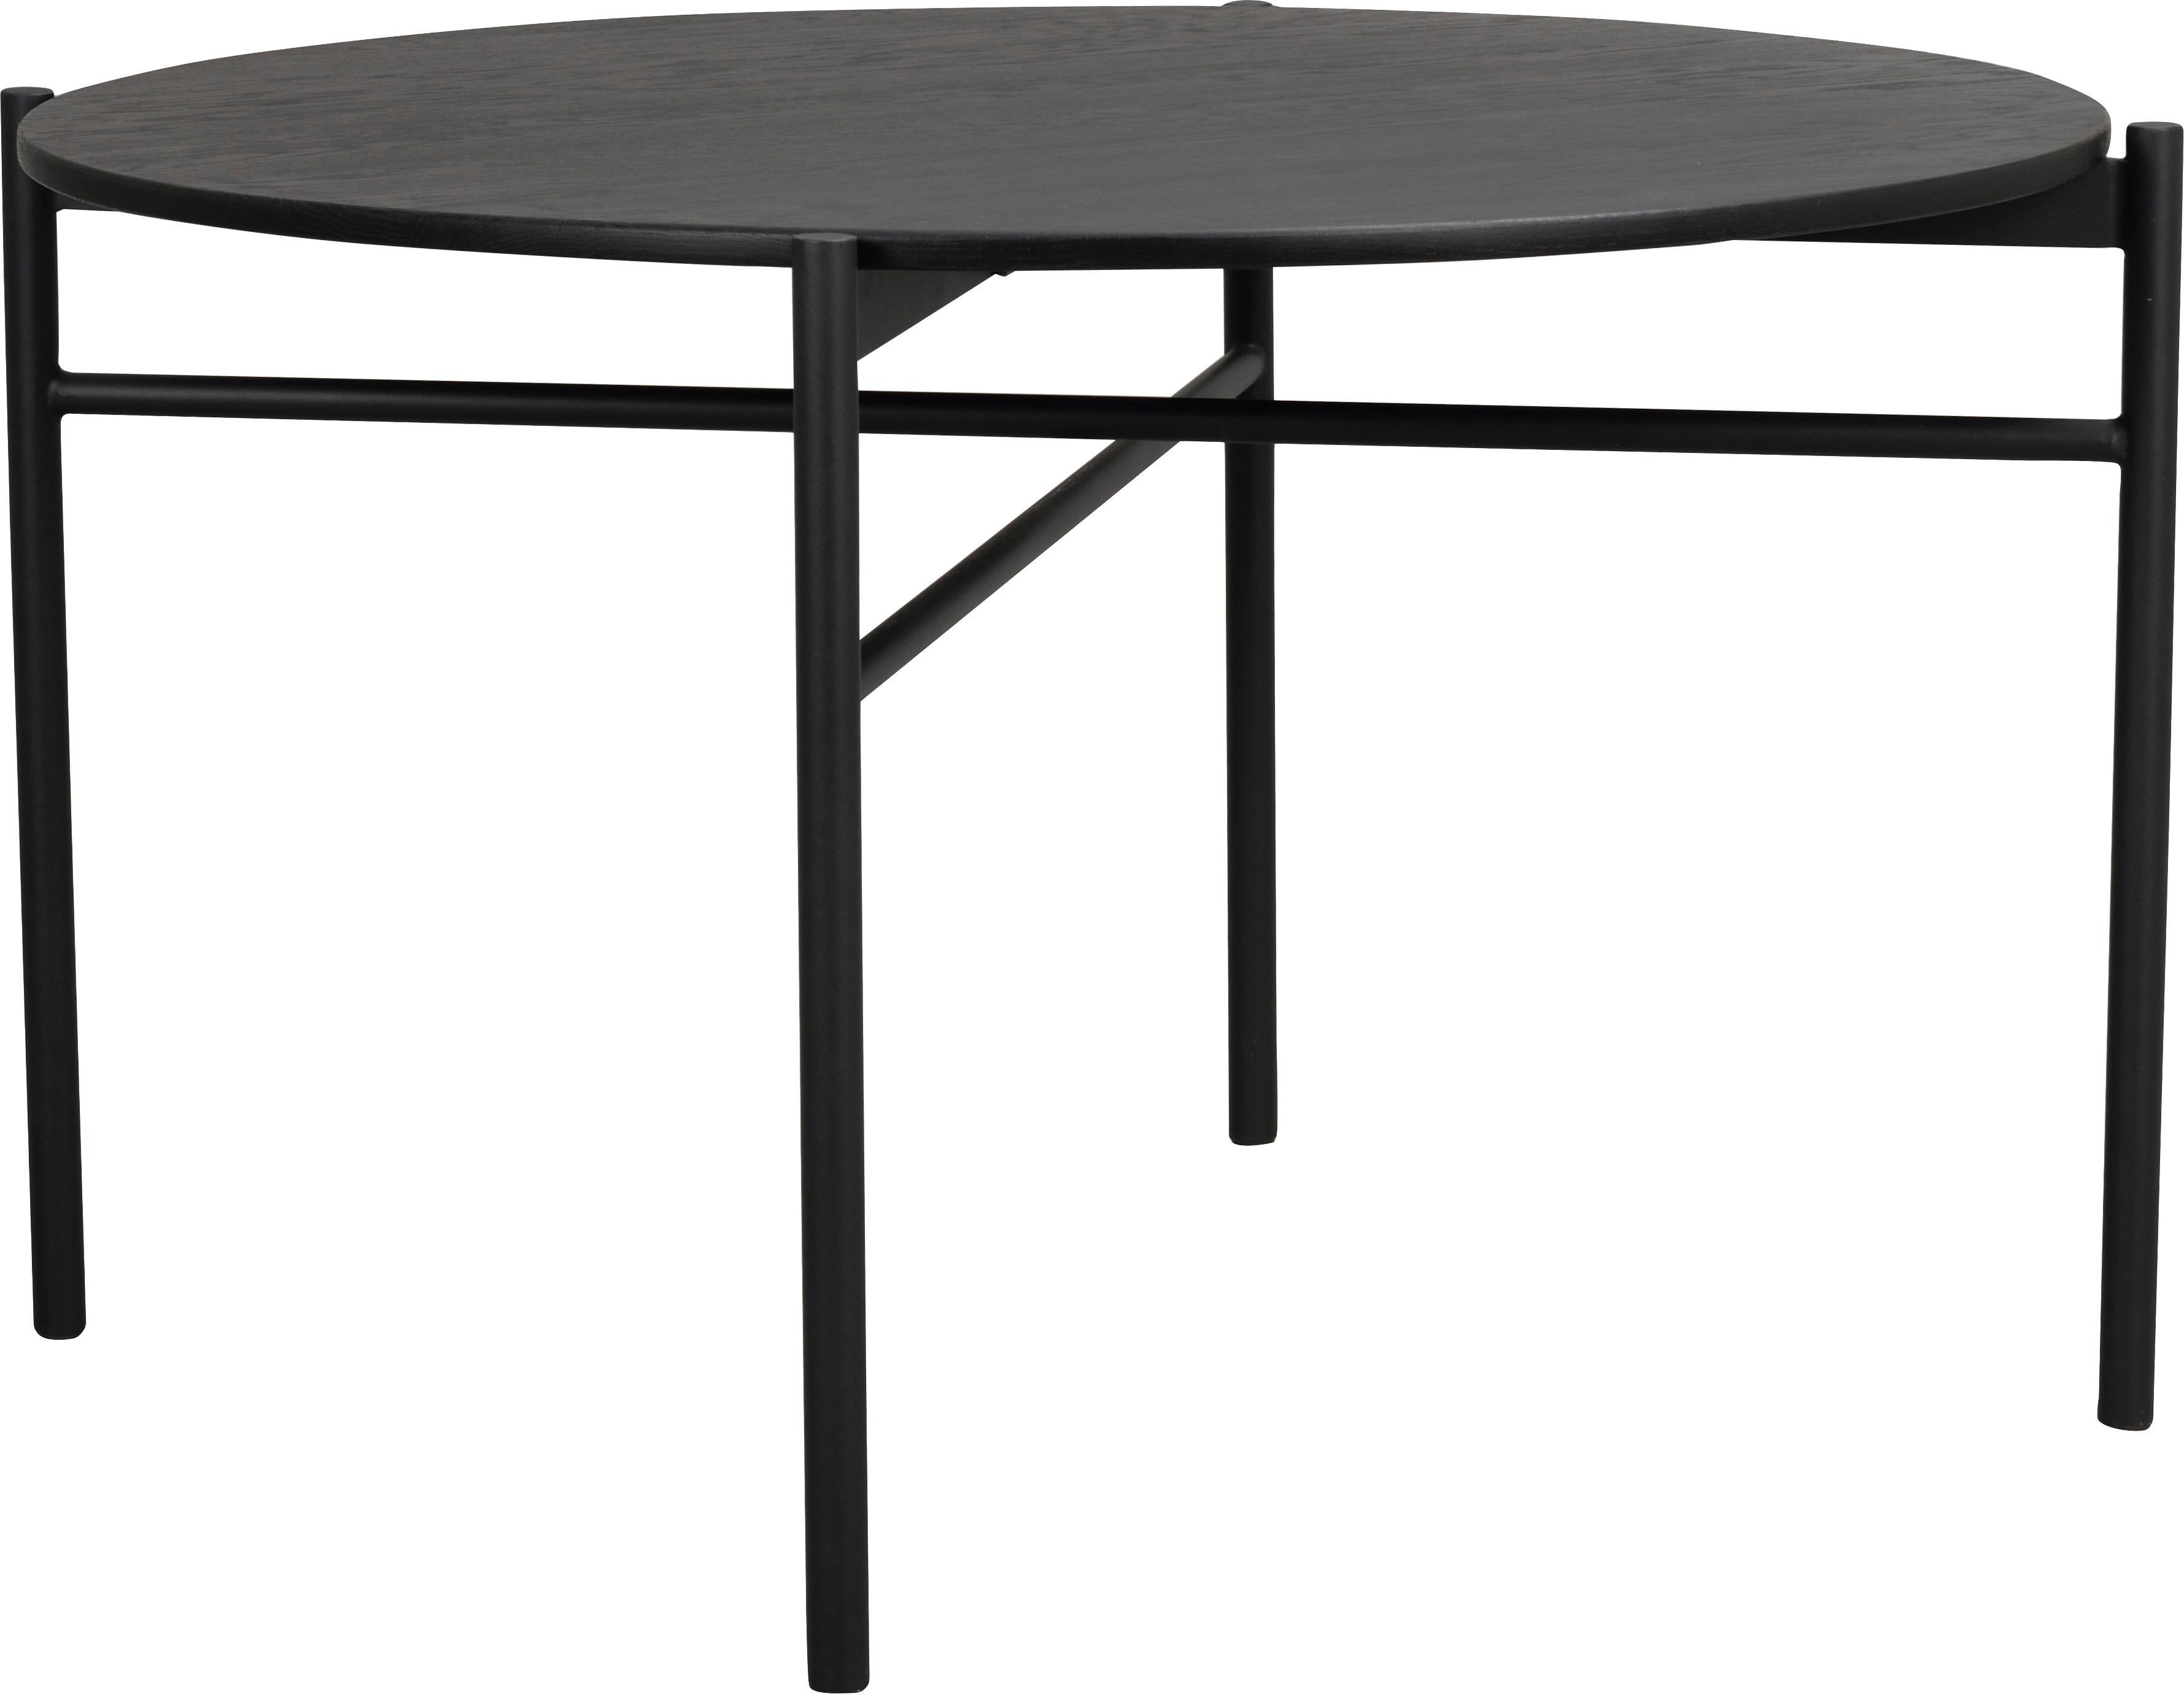 Runder Esstisch Skye in Schwarz, Tischplatte: Mitteldichte Holzfaserpla, Beine: Metall, pulverbeschichtet, Schwarz, Ø 120 x H 75 cm